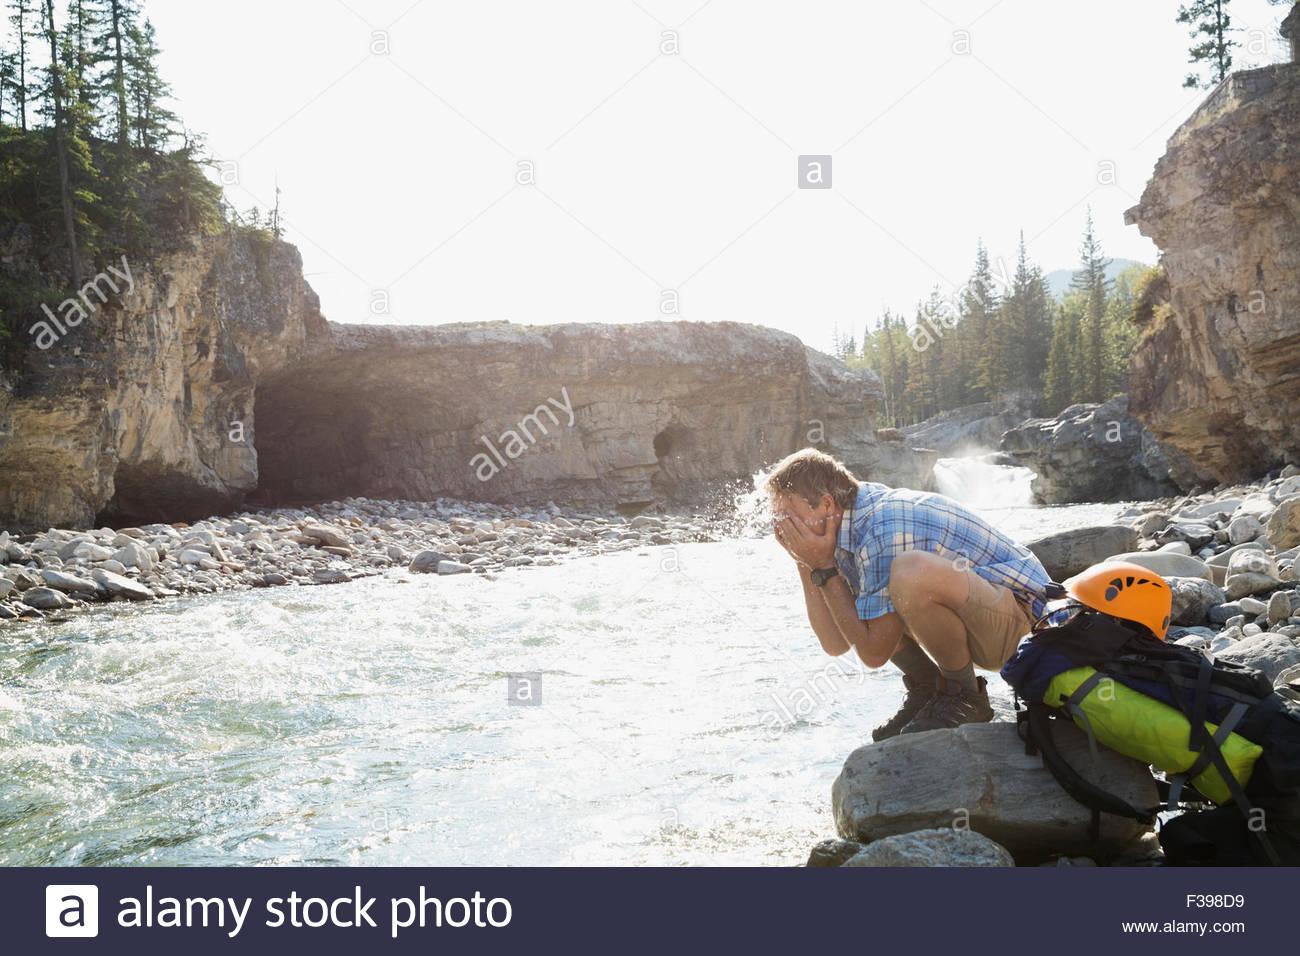 Hiker splashing water on face at craggy riverside - Stock Image